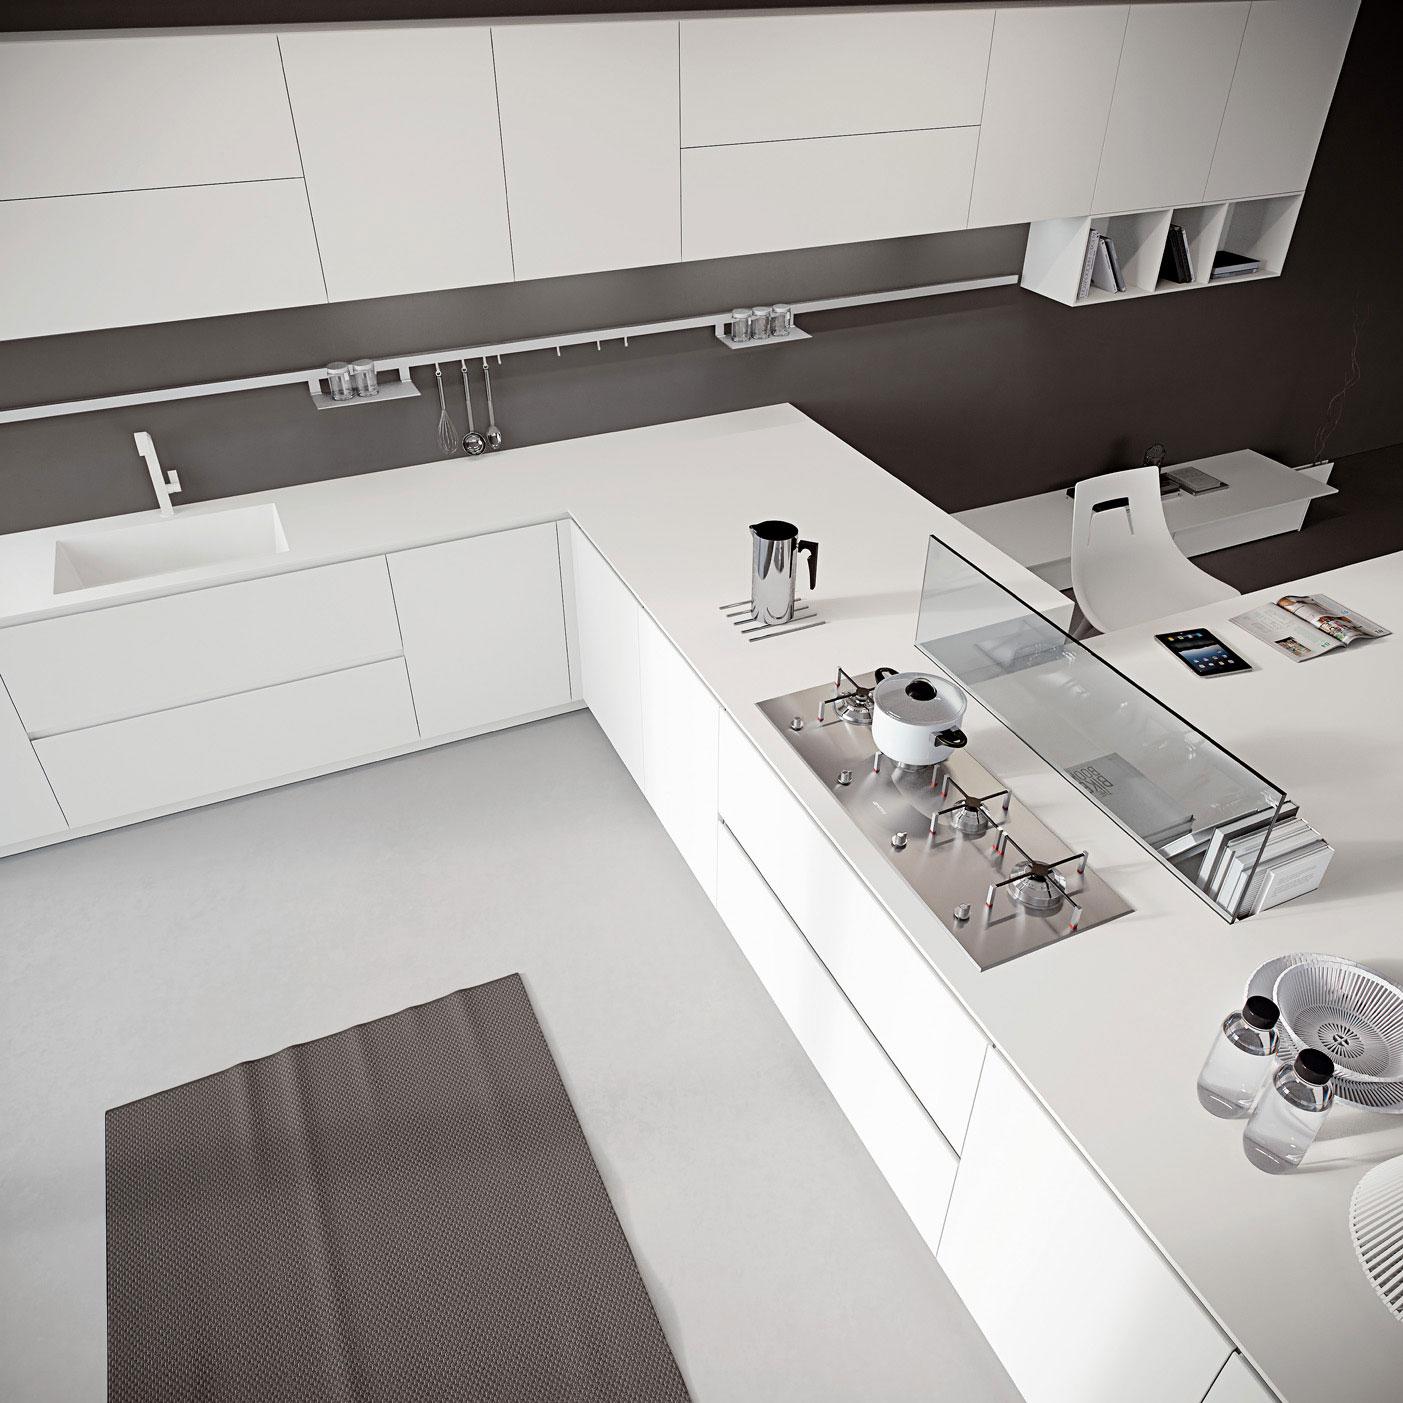 מטבח לופט מודרני אריטל AK04 ARRITAL